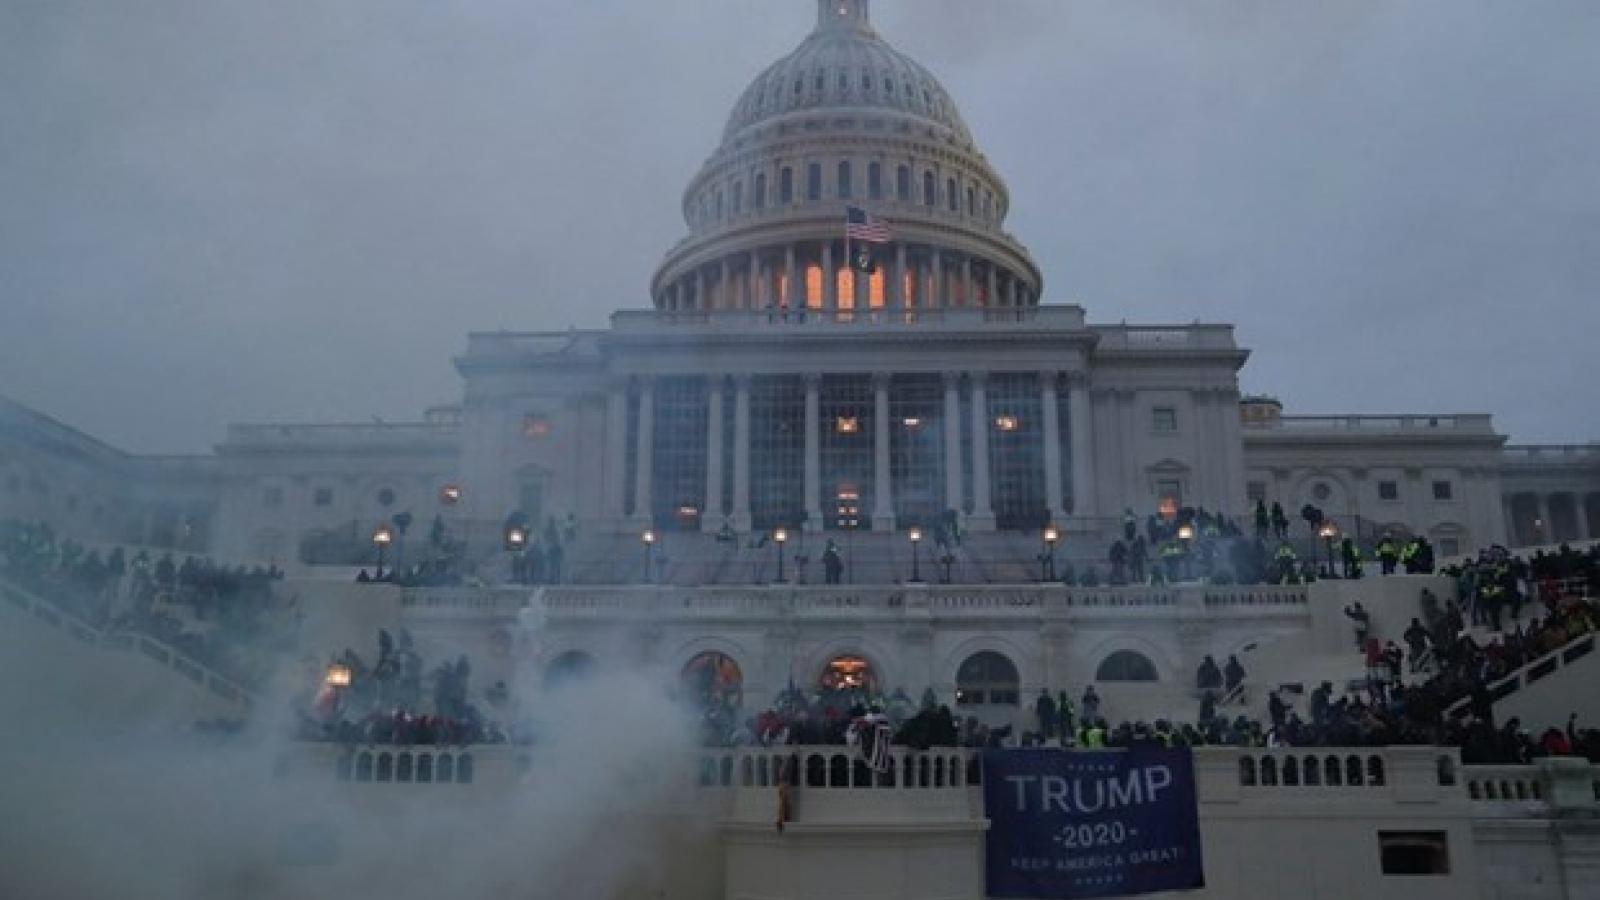 Mỹ trang bị vũ khí sát thương cho vệ binh quốc gia bảo vệ tòa nhà Quốc hội